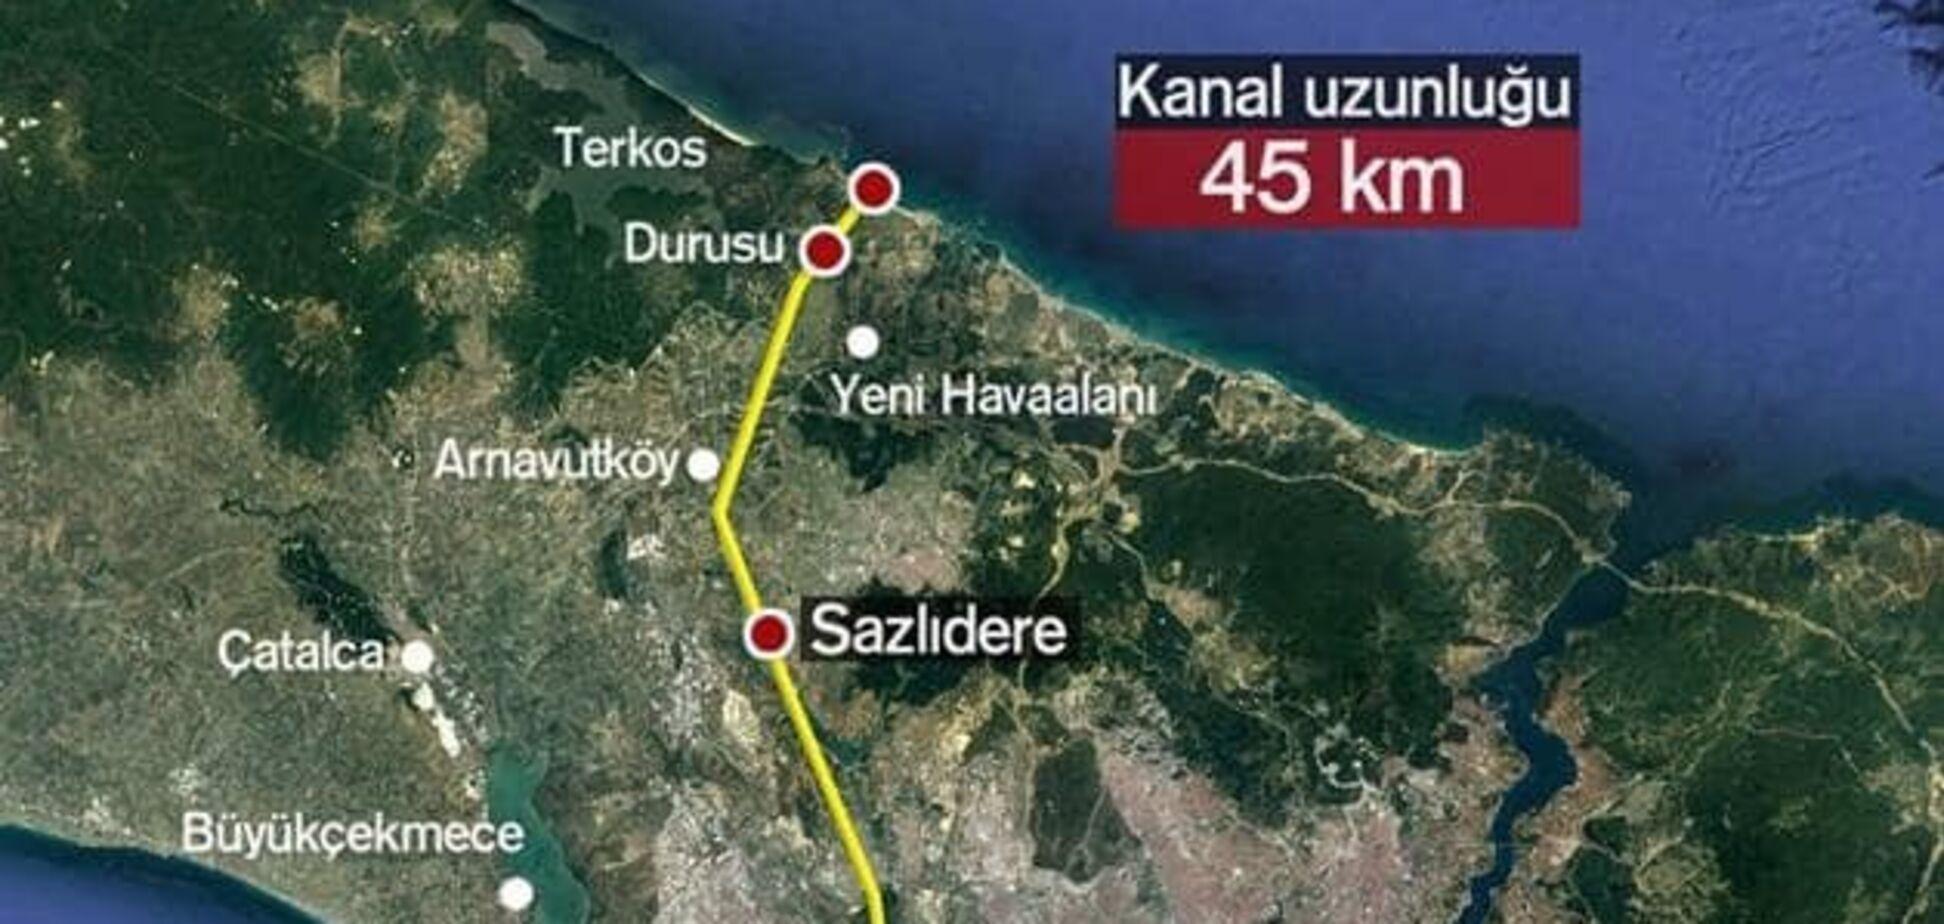 Думаете, у Эрдогана раздерибанят деньги 'Стамбула'?